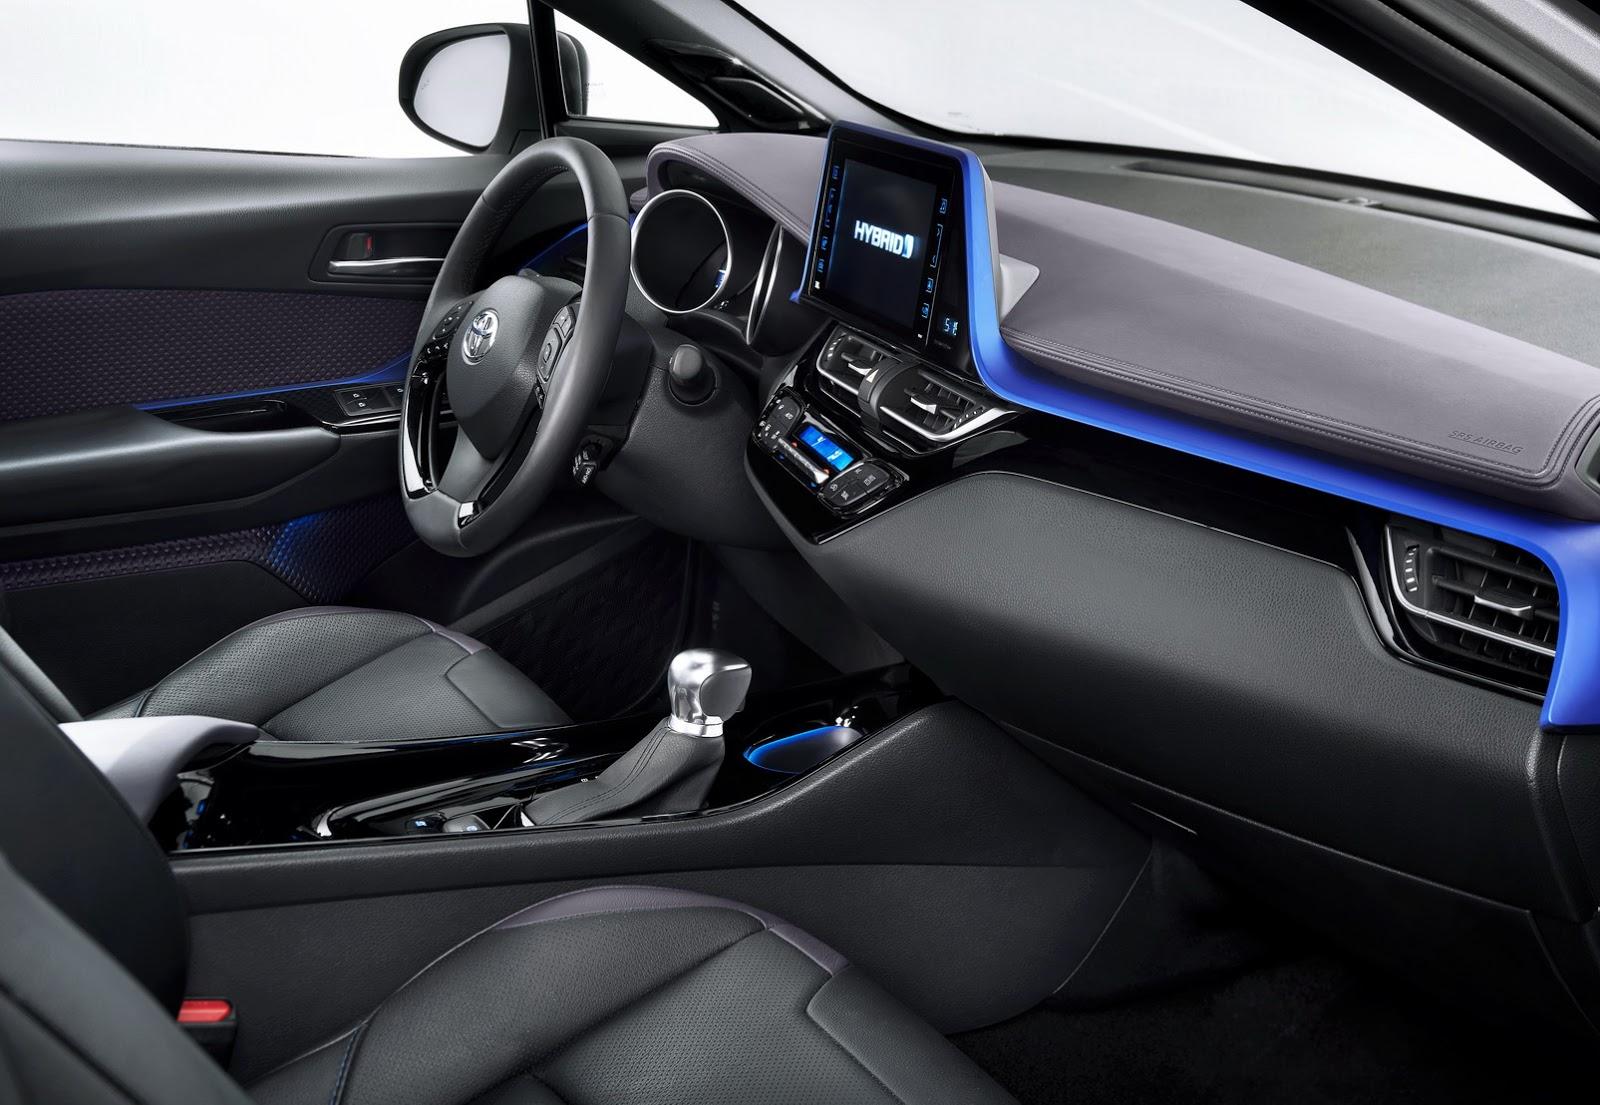 Khi mua Toyota C-HR, khách hàng có thể chọn 1 trong 3 cách phối màu nội thất là xám tối, đen - xanh dương và đen - nâu.